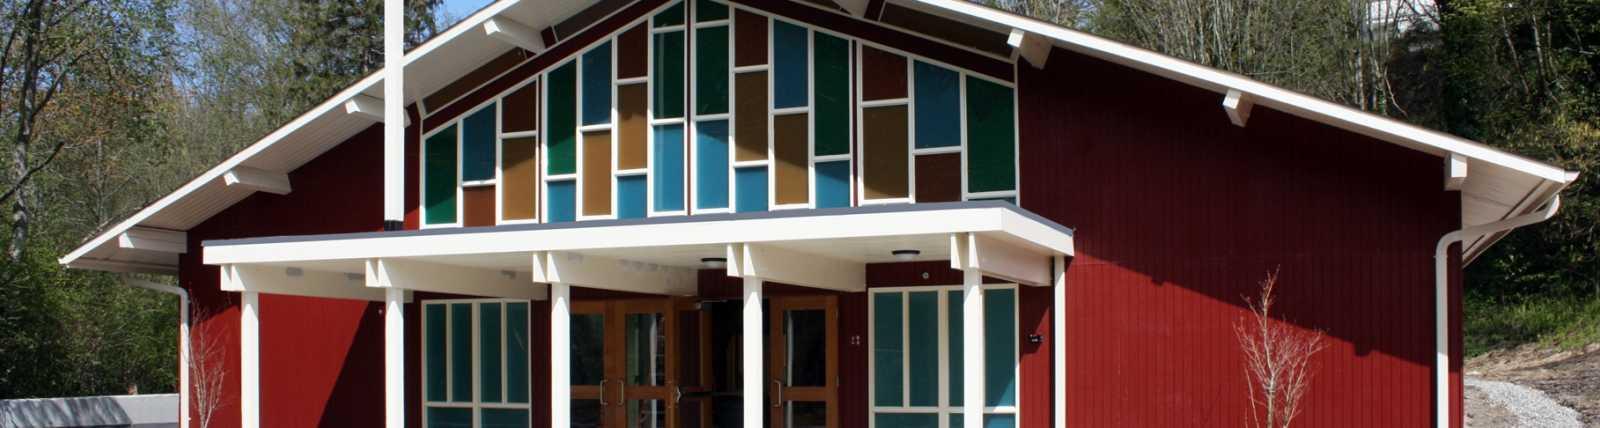 Beach Park Auditorium